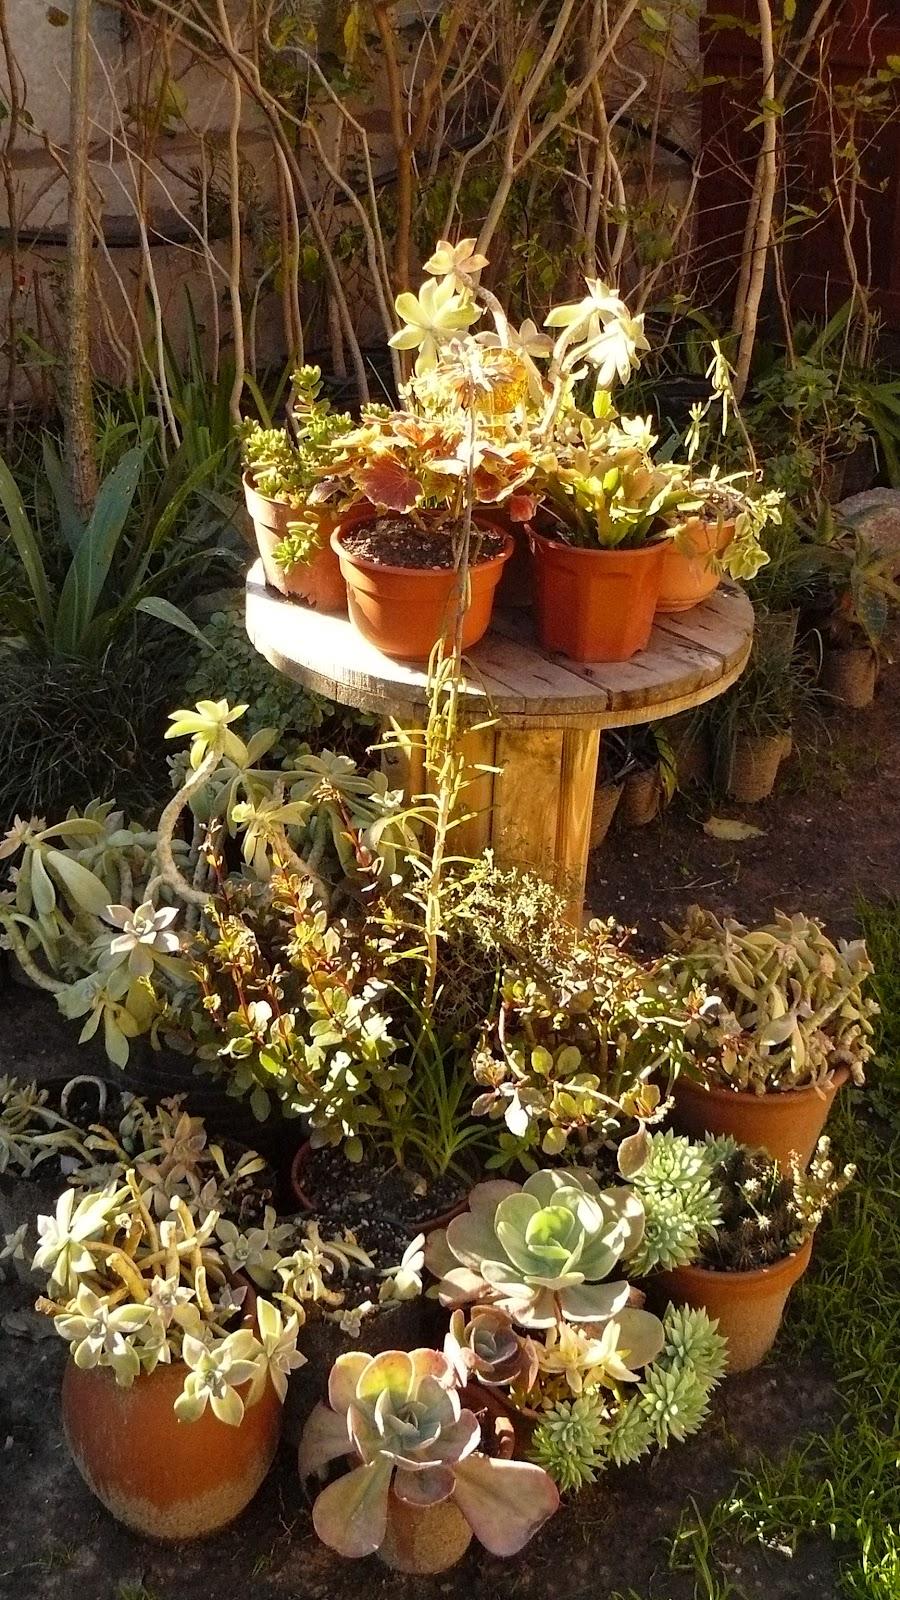 Jardines de cactus y suculentas julio 2012 - Jardines de cactus y suculentas ...